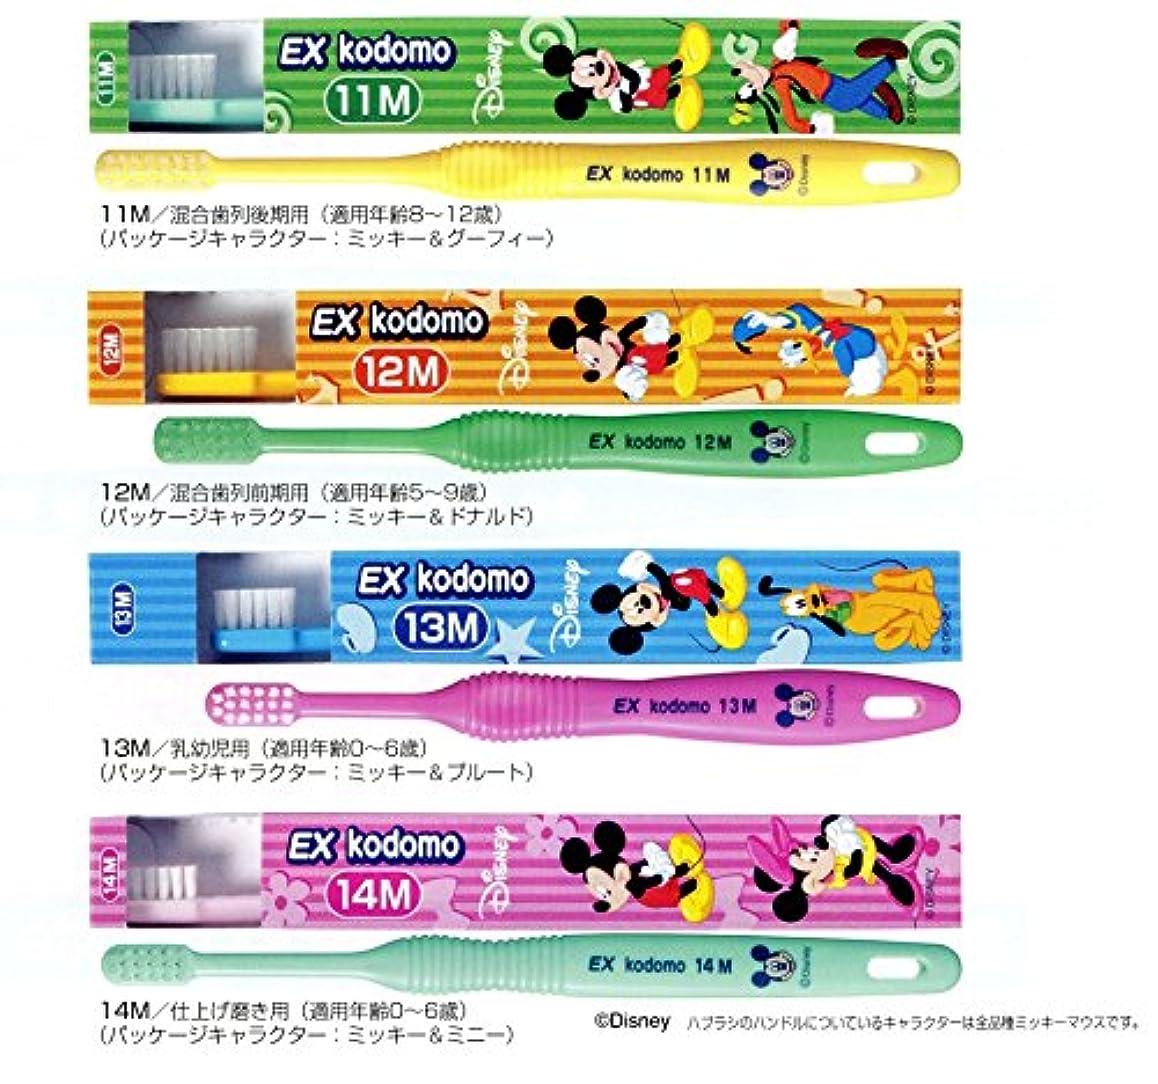 ナット意気込み学習ライオン コドモ ディズニー DENT.EX kodomo Disney 1本 14M グリーン (仕上げ磨き用?0?6歳)